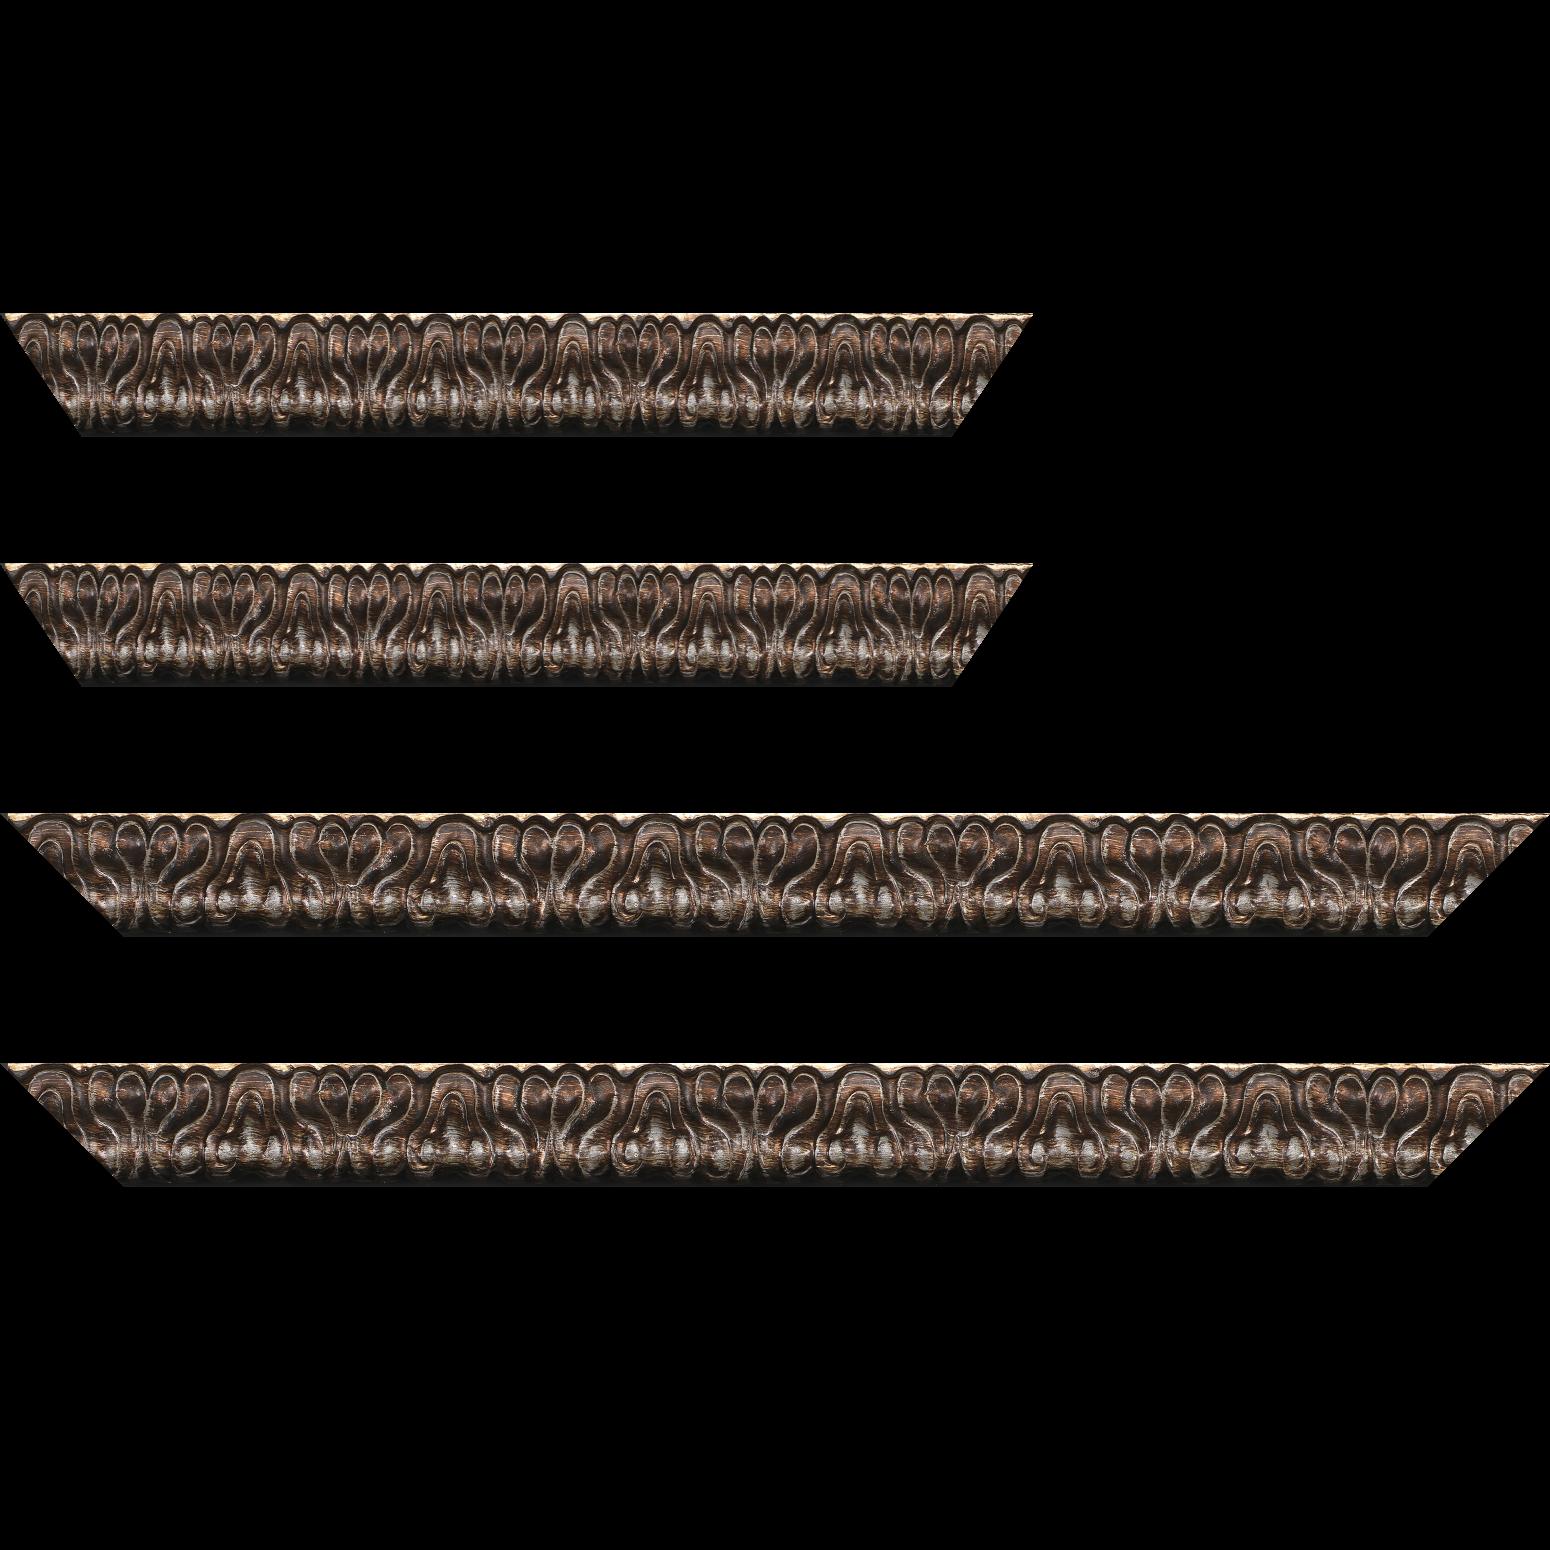 Baguette service précoupé bois profil inversé  largeur 3.8cm couleur champagne noirci patiné